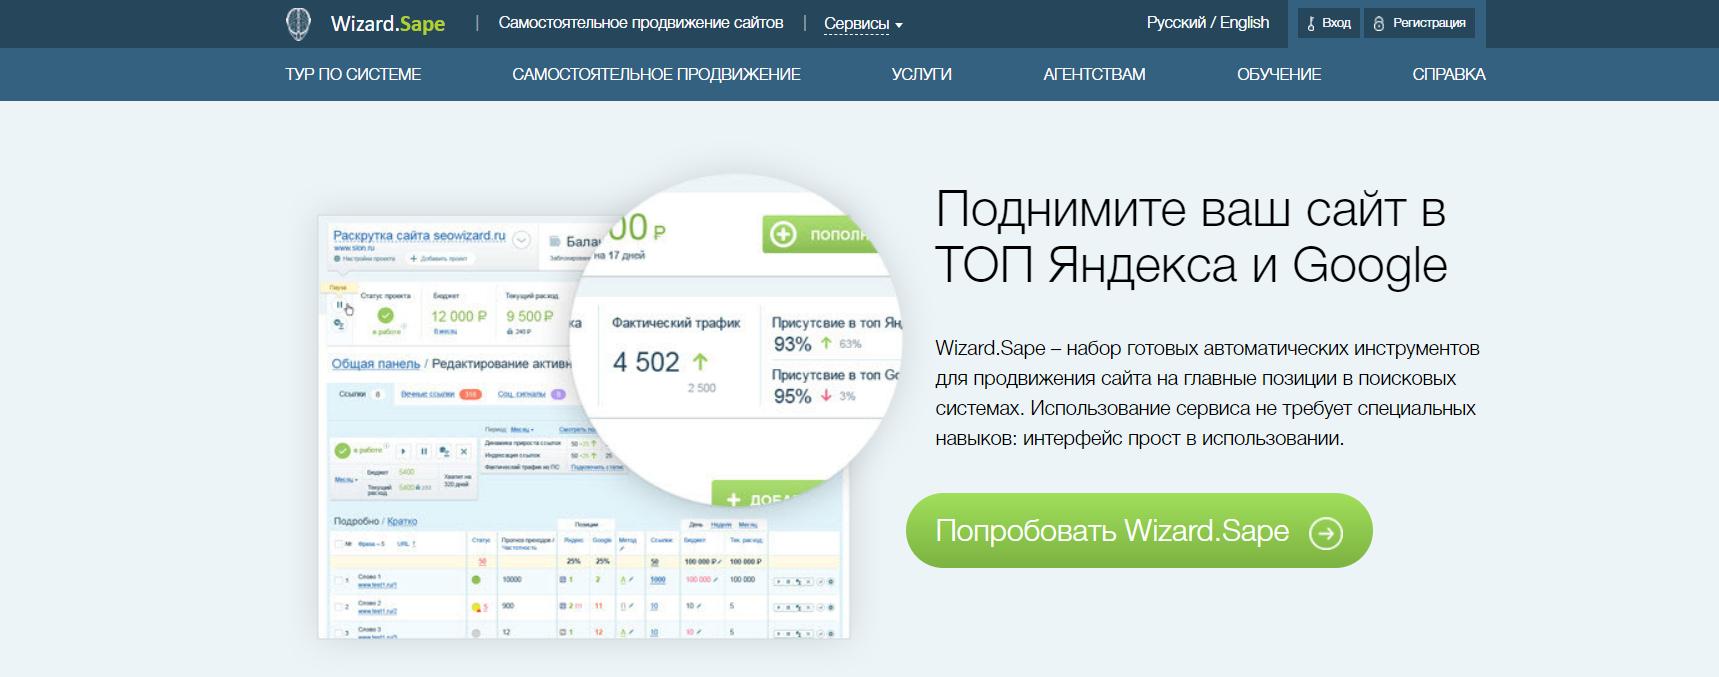 Wizardsape — какой сервис автоматического продвижения выбрать